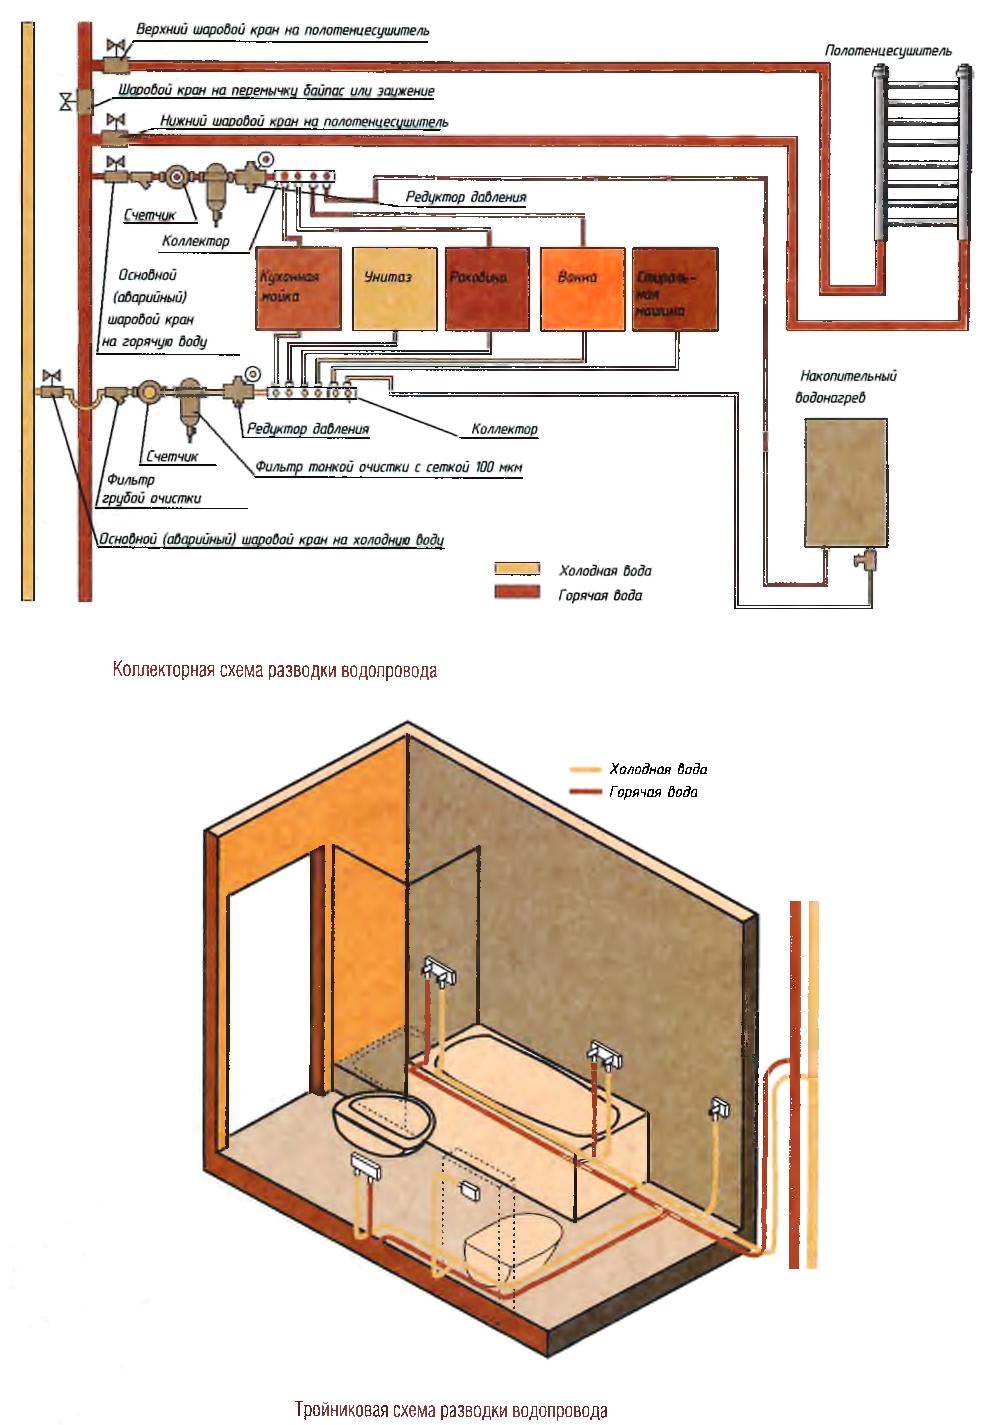 Тройниковая схема разводки водопровода